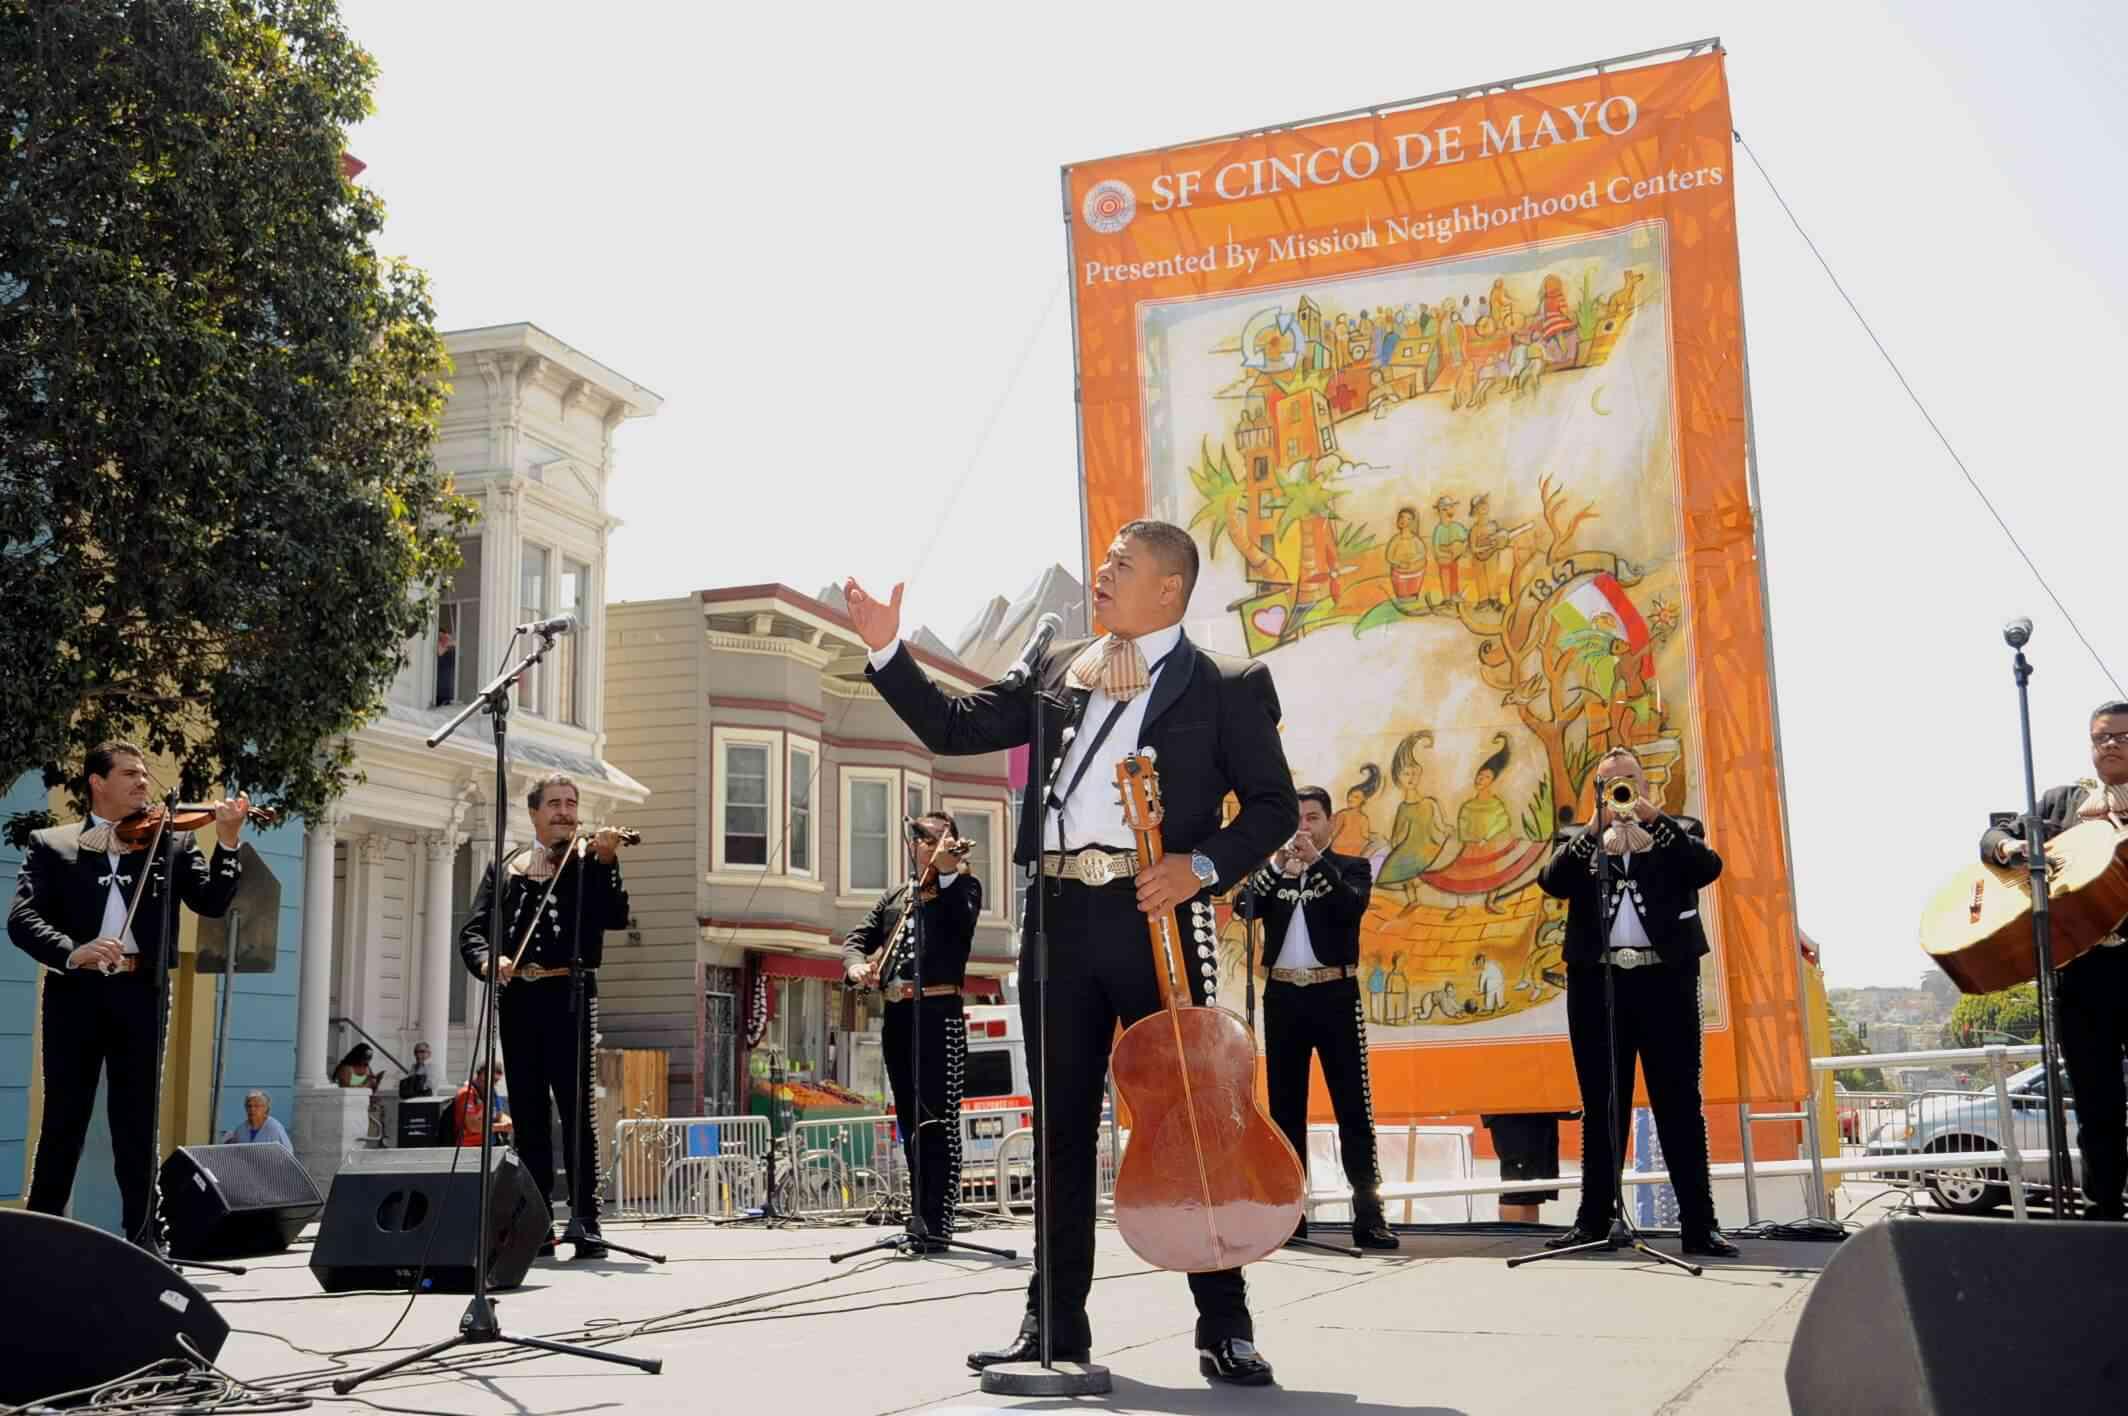 Cinco de Mayo festival in San Francisco